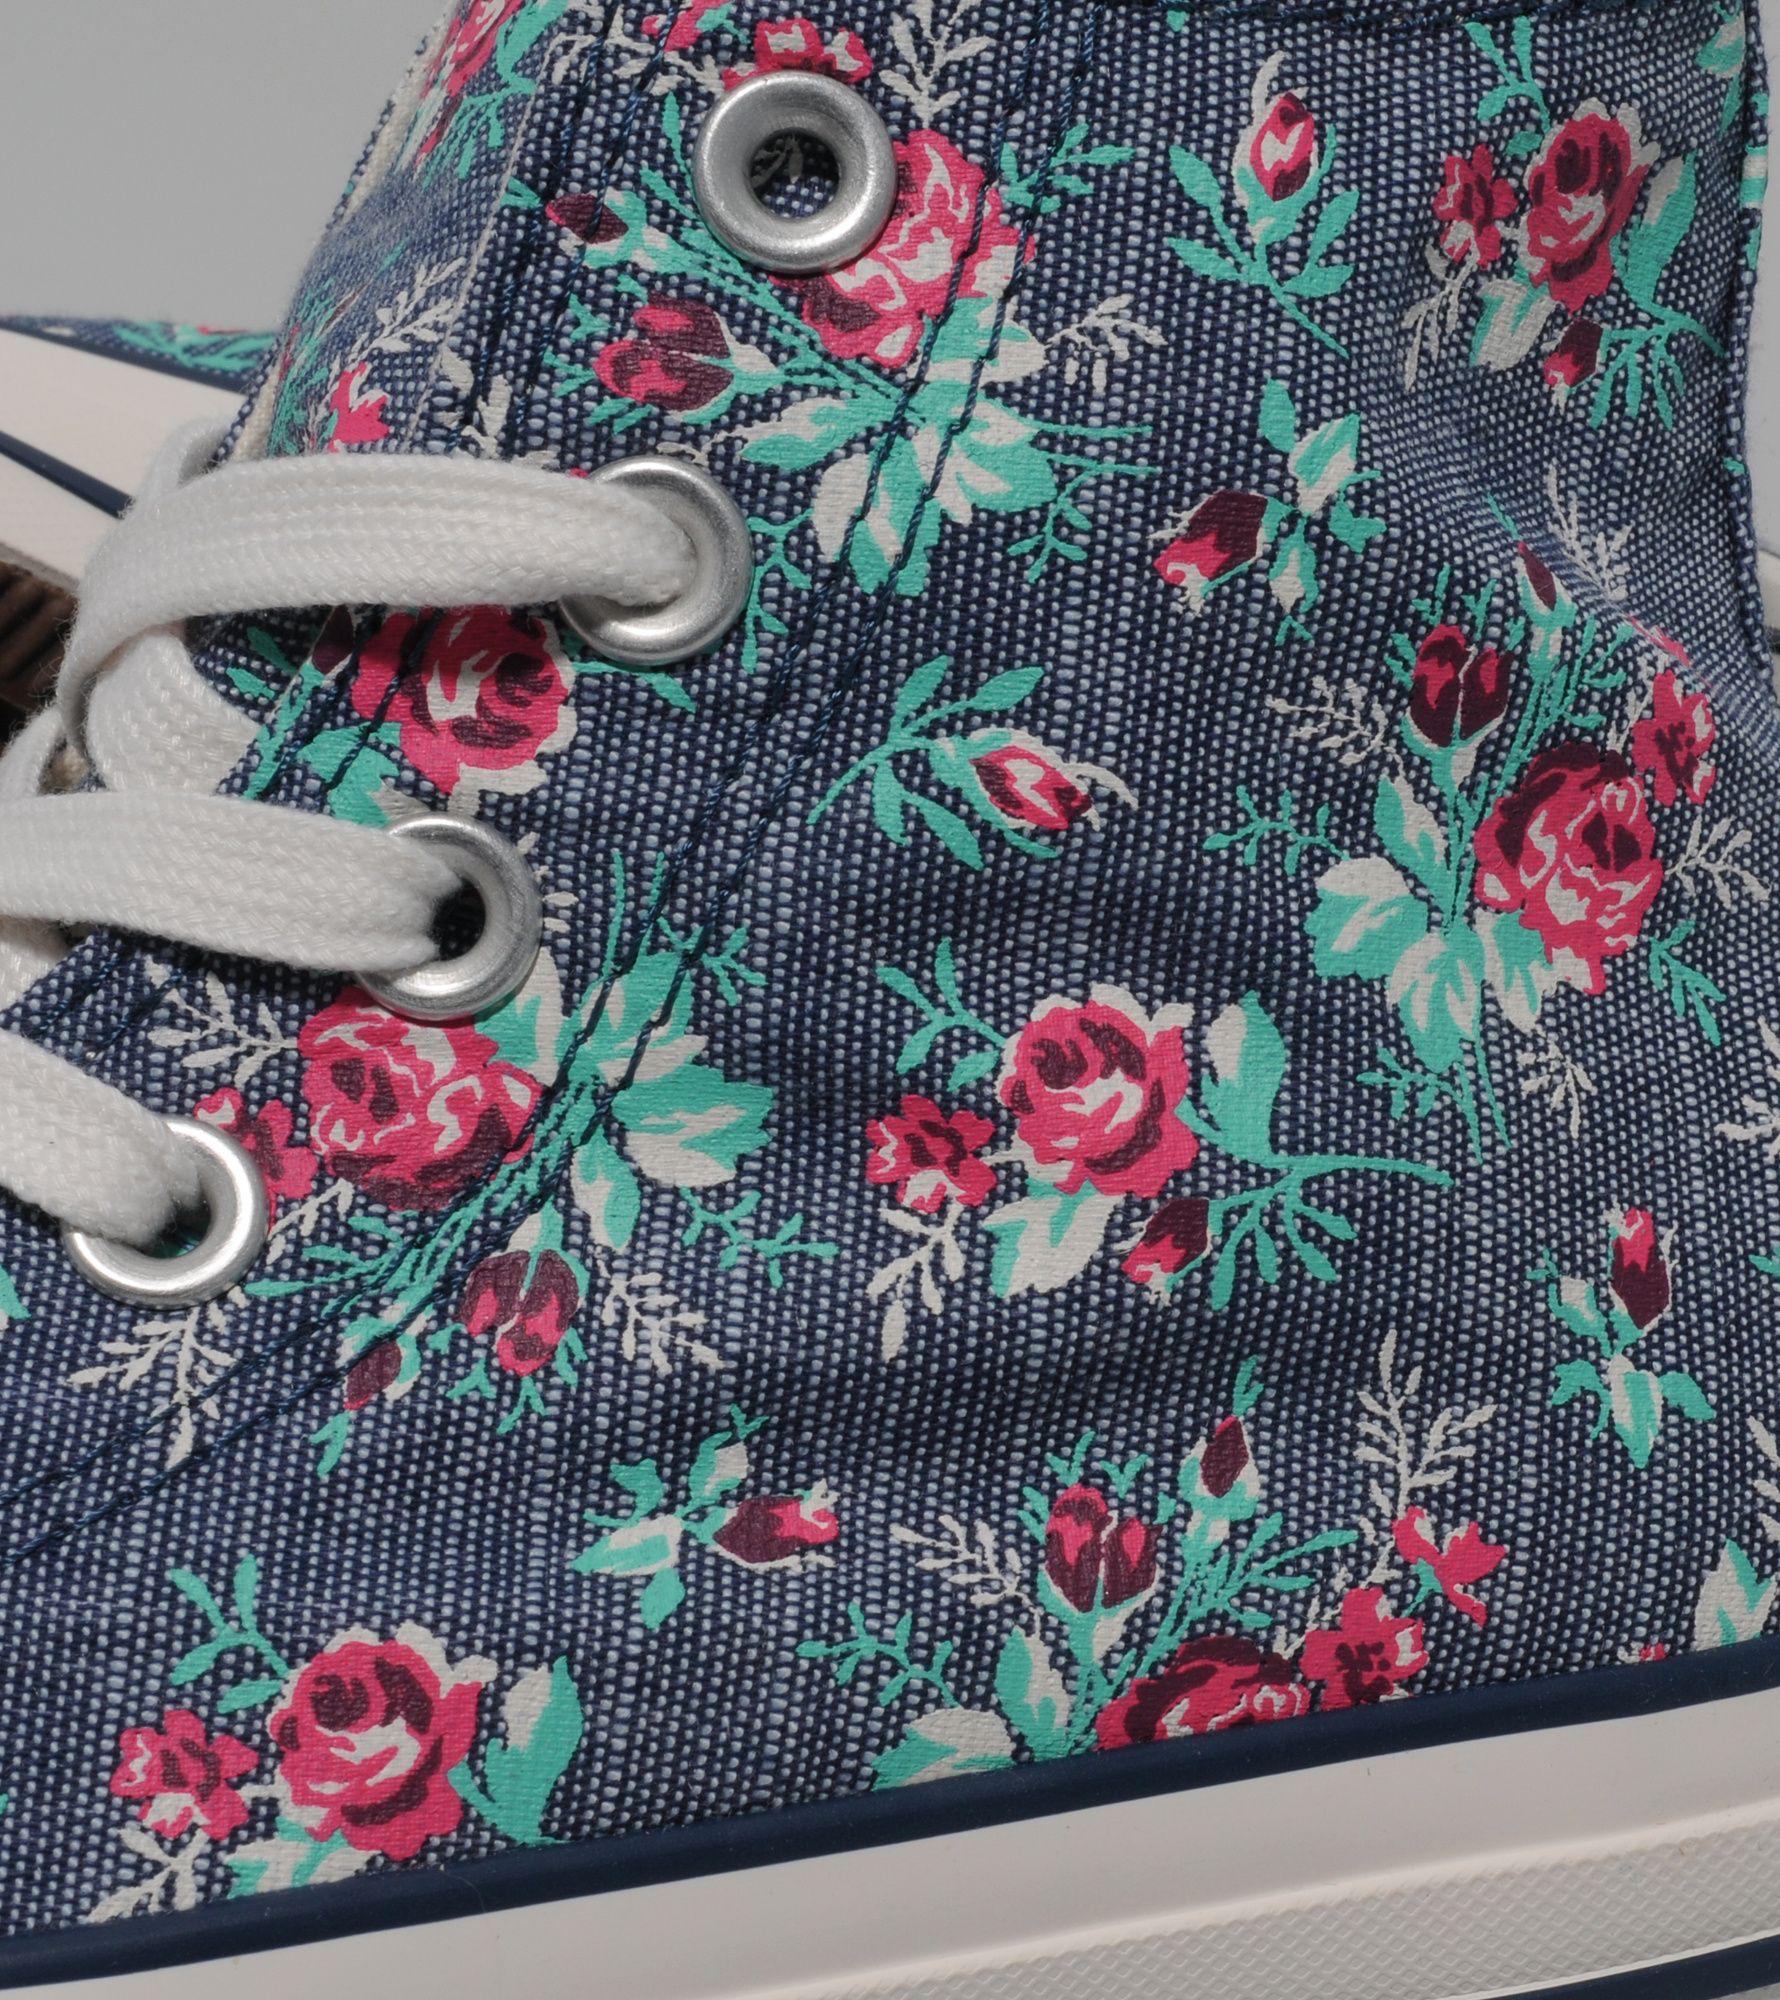 Converse All Star Hi Floral